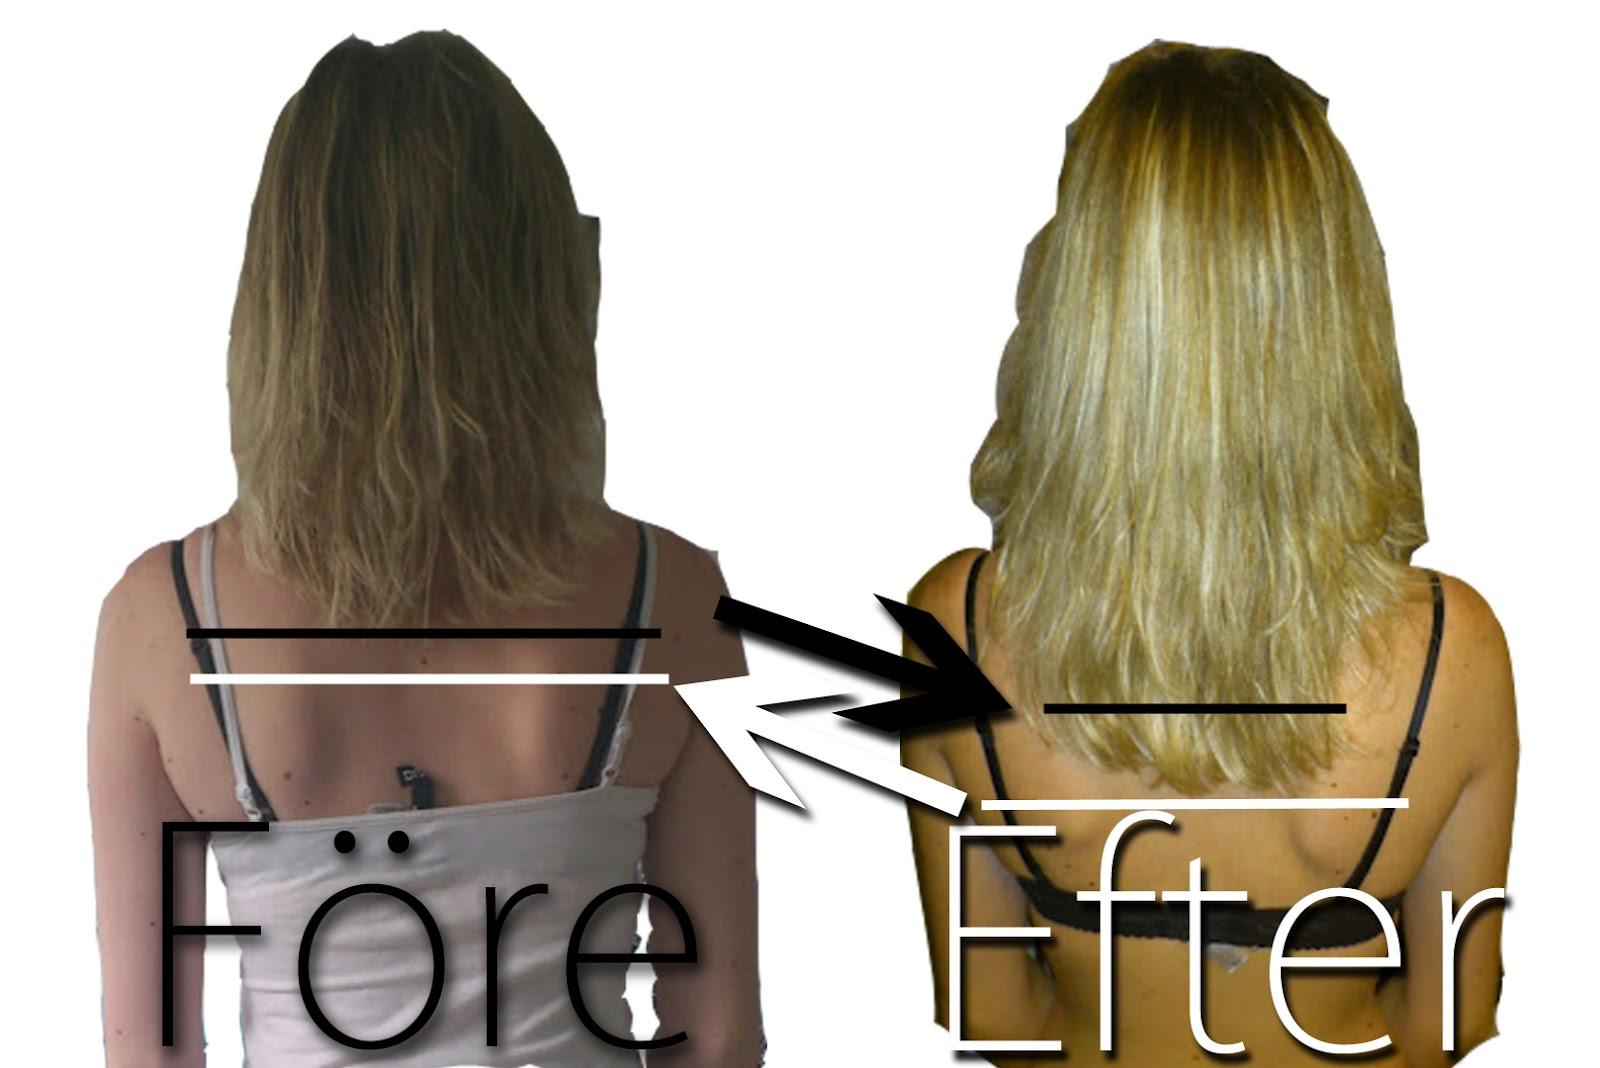 kokosolja till håret